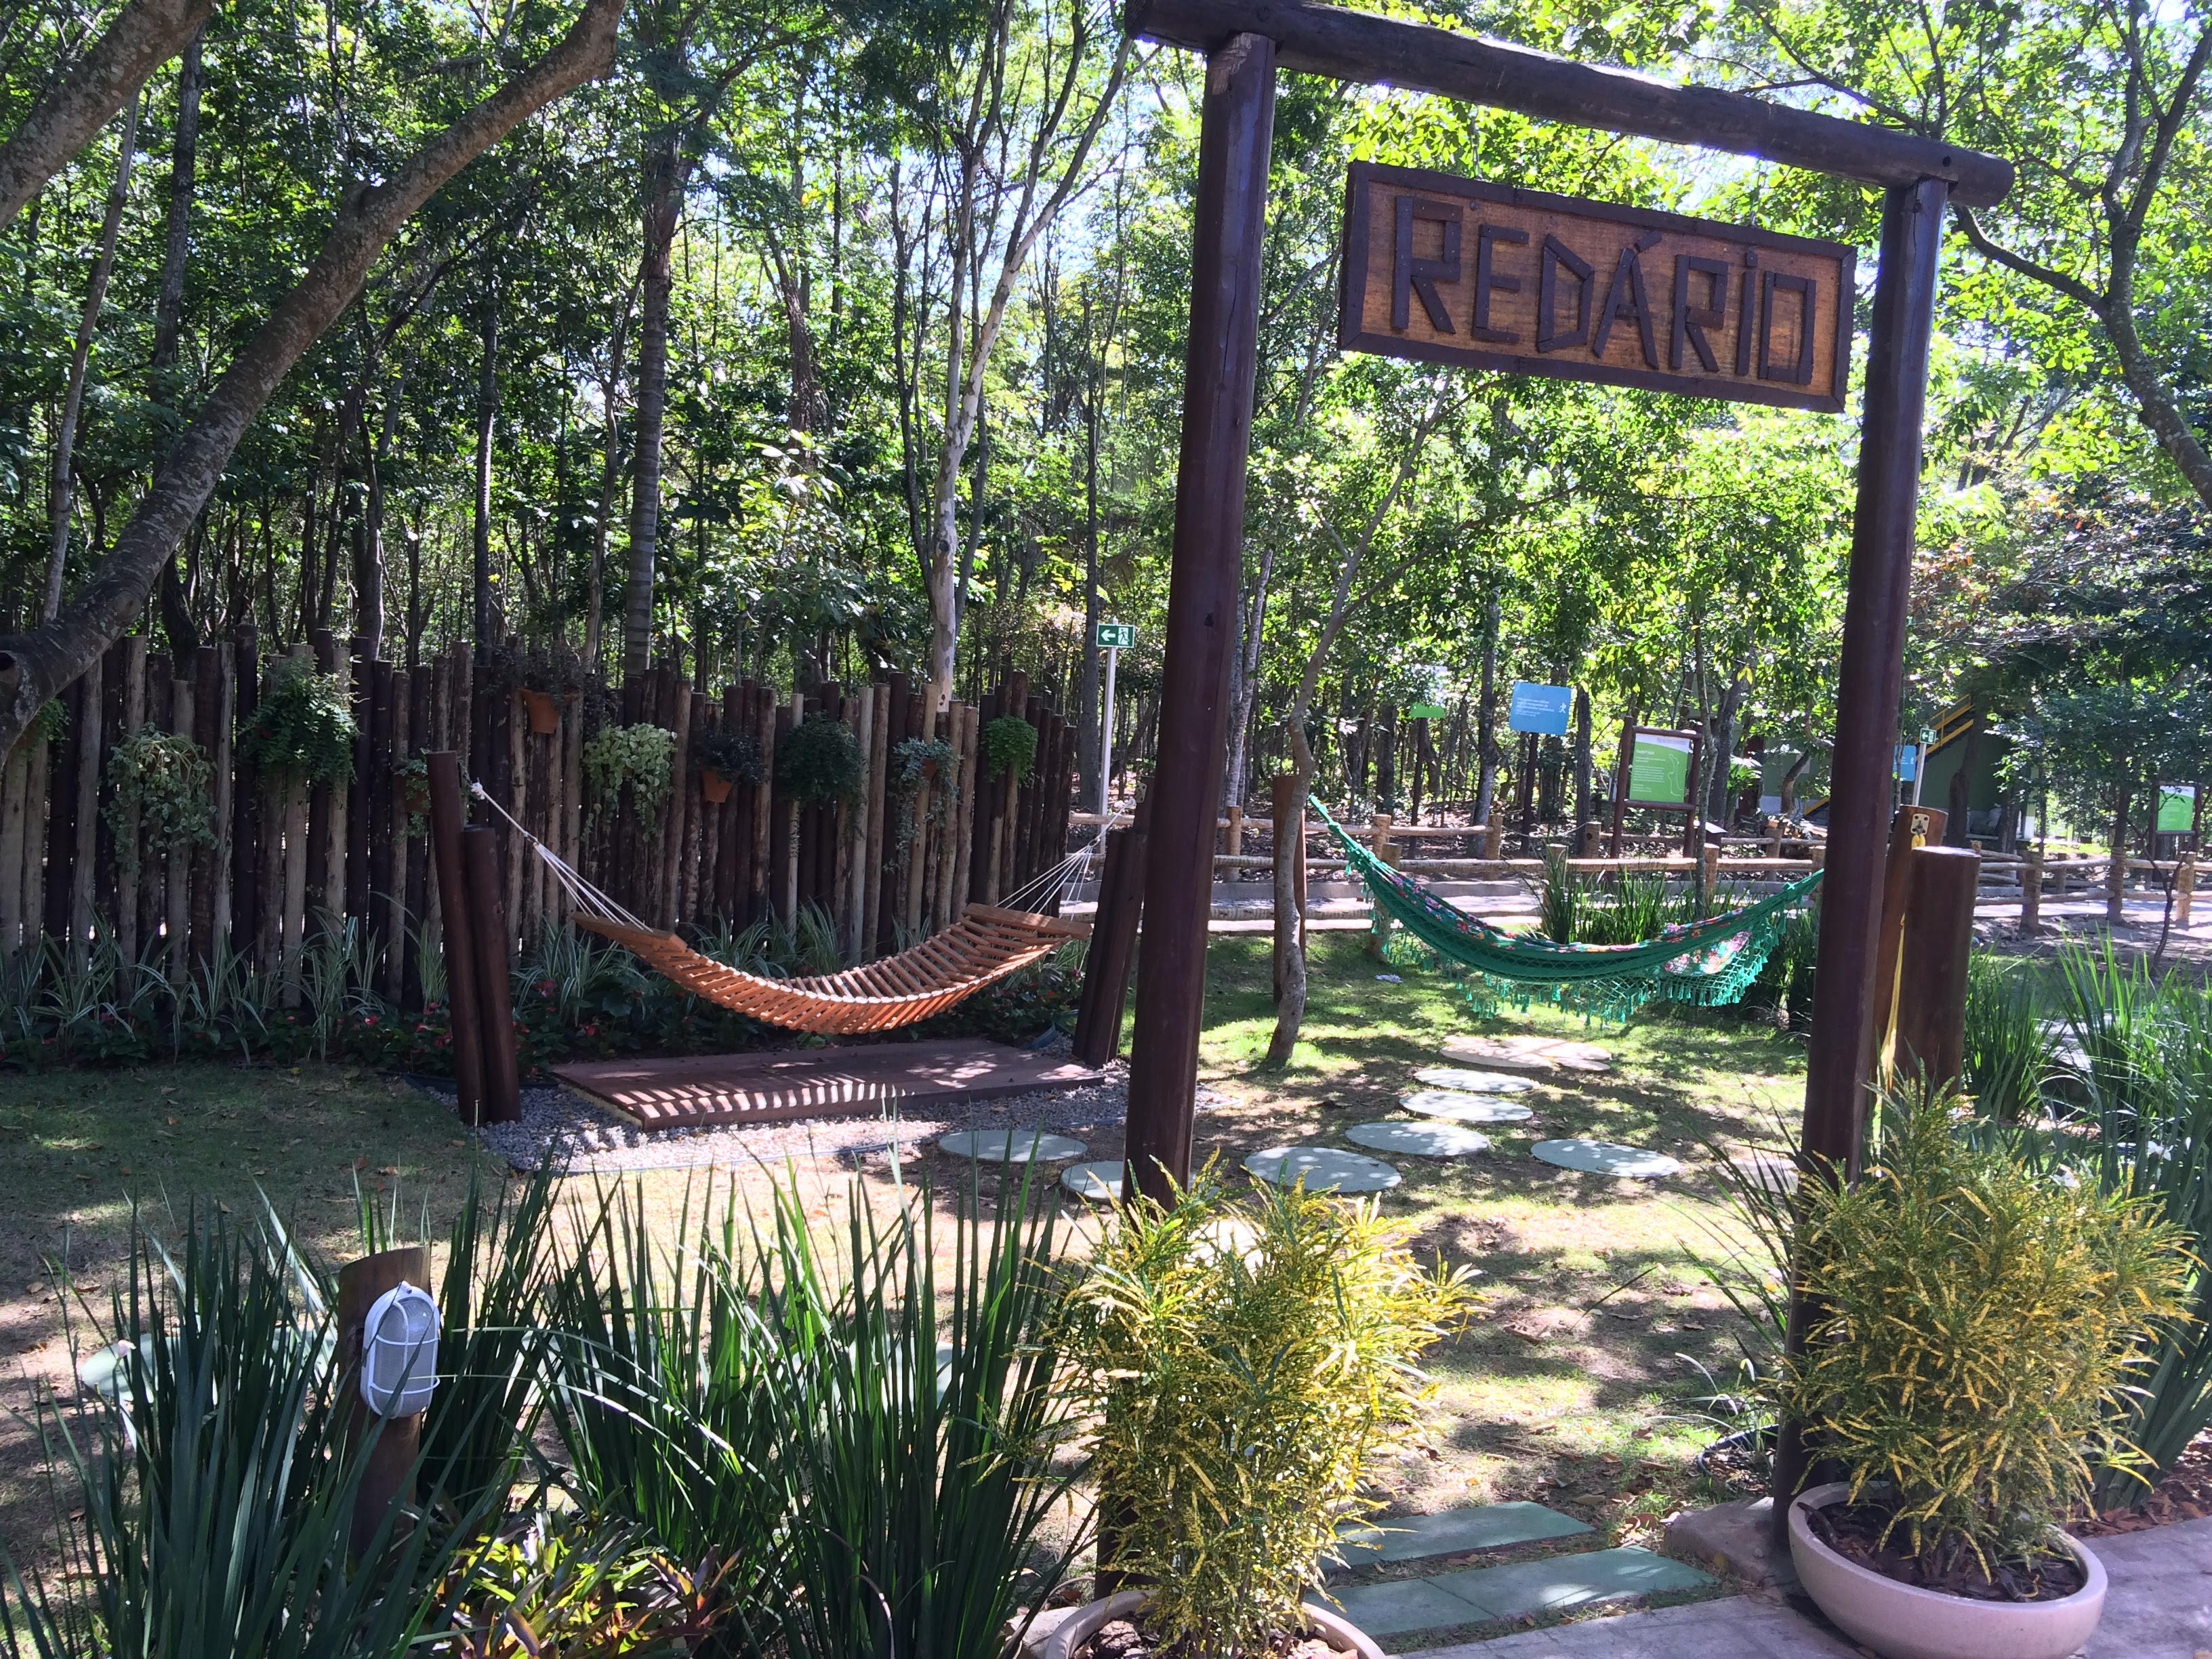 Parque bot nico vale inaugura novo espa o para lazer e for Sanse 2016 jardin botanico